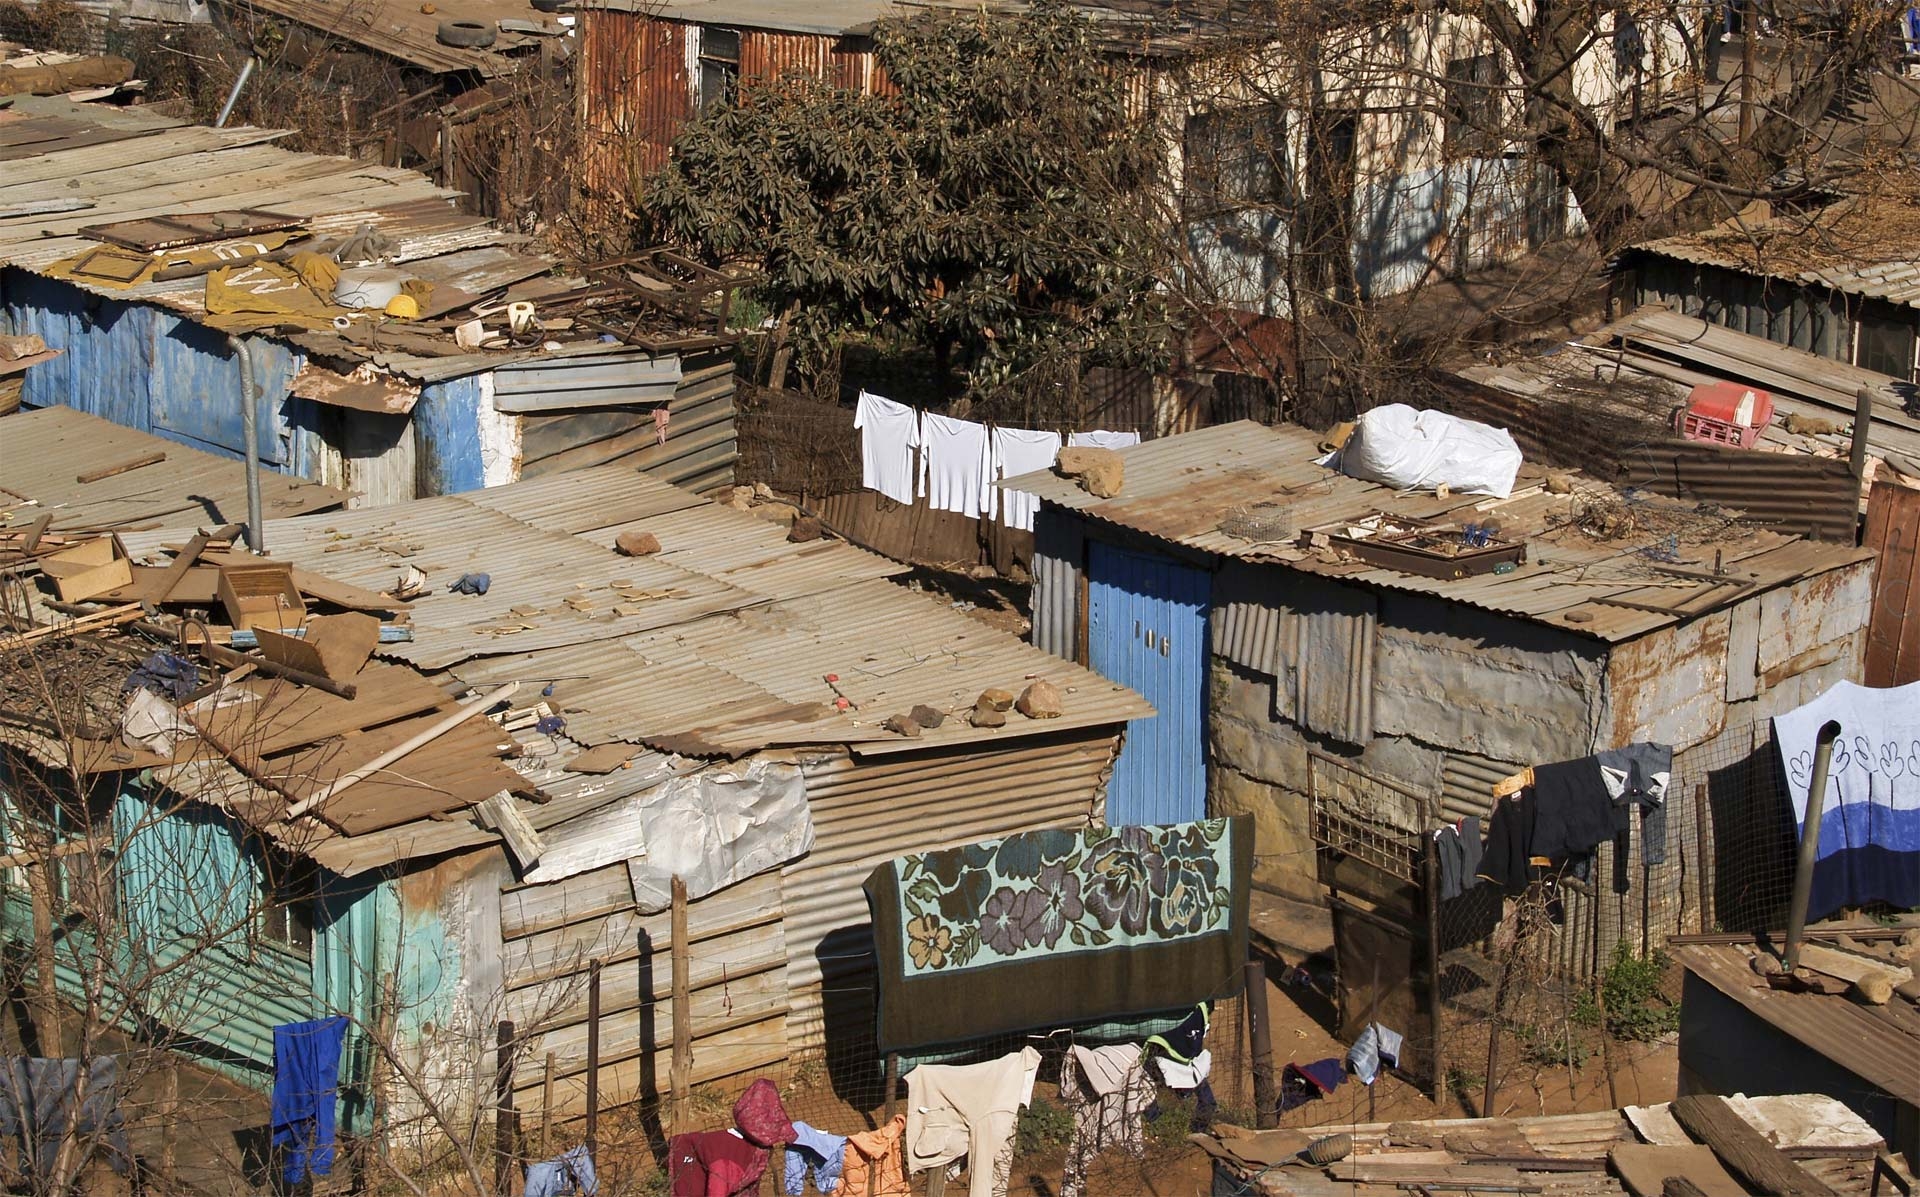 Es posible acabar con la pobreza en 15 años